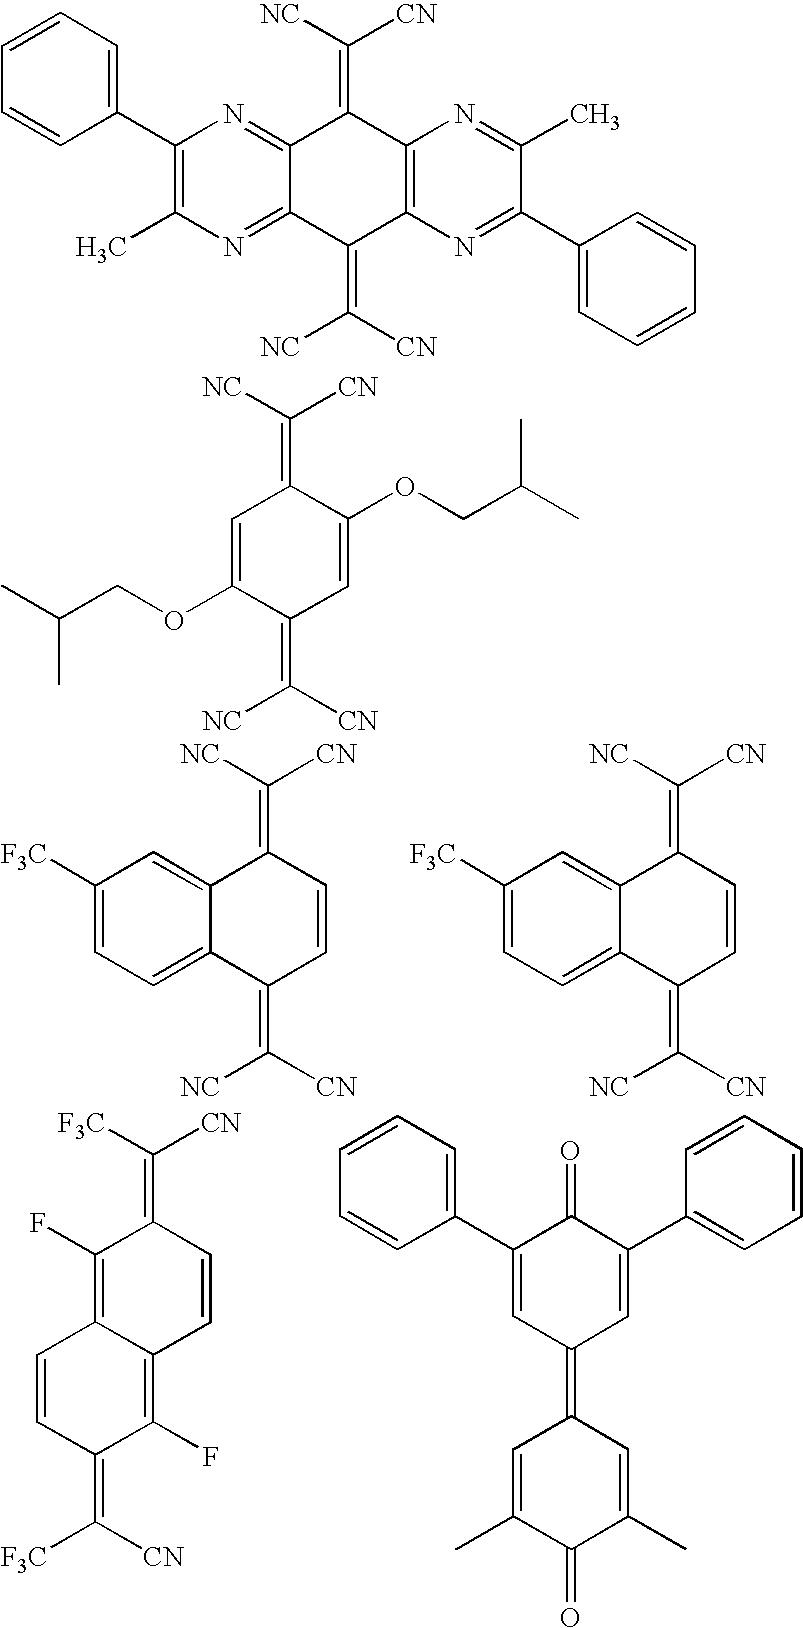 Figure US20080049413A1-20080228-C00056